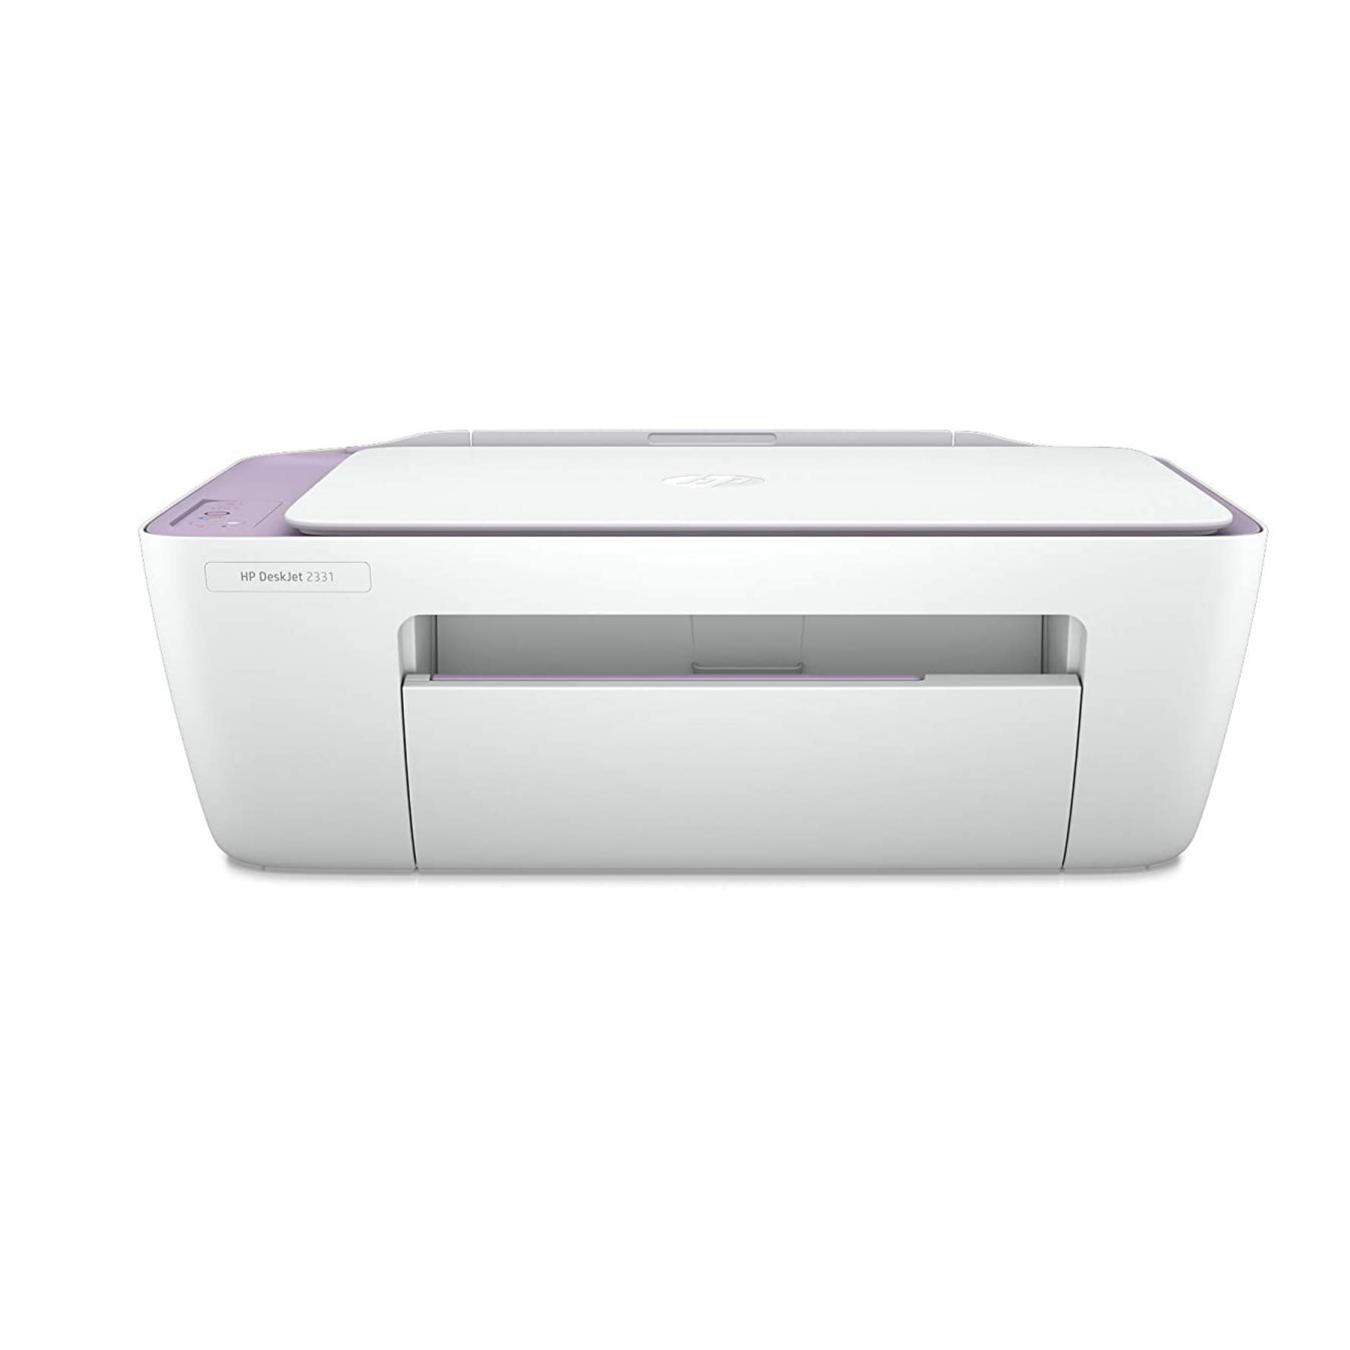 HP Deskjet 2331 Colour Printer